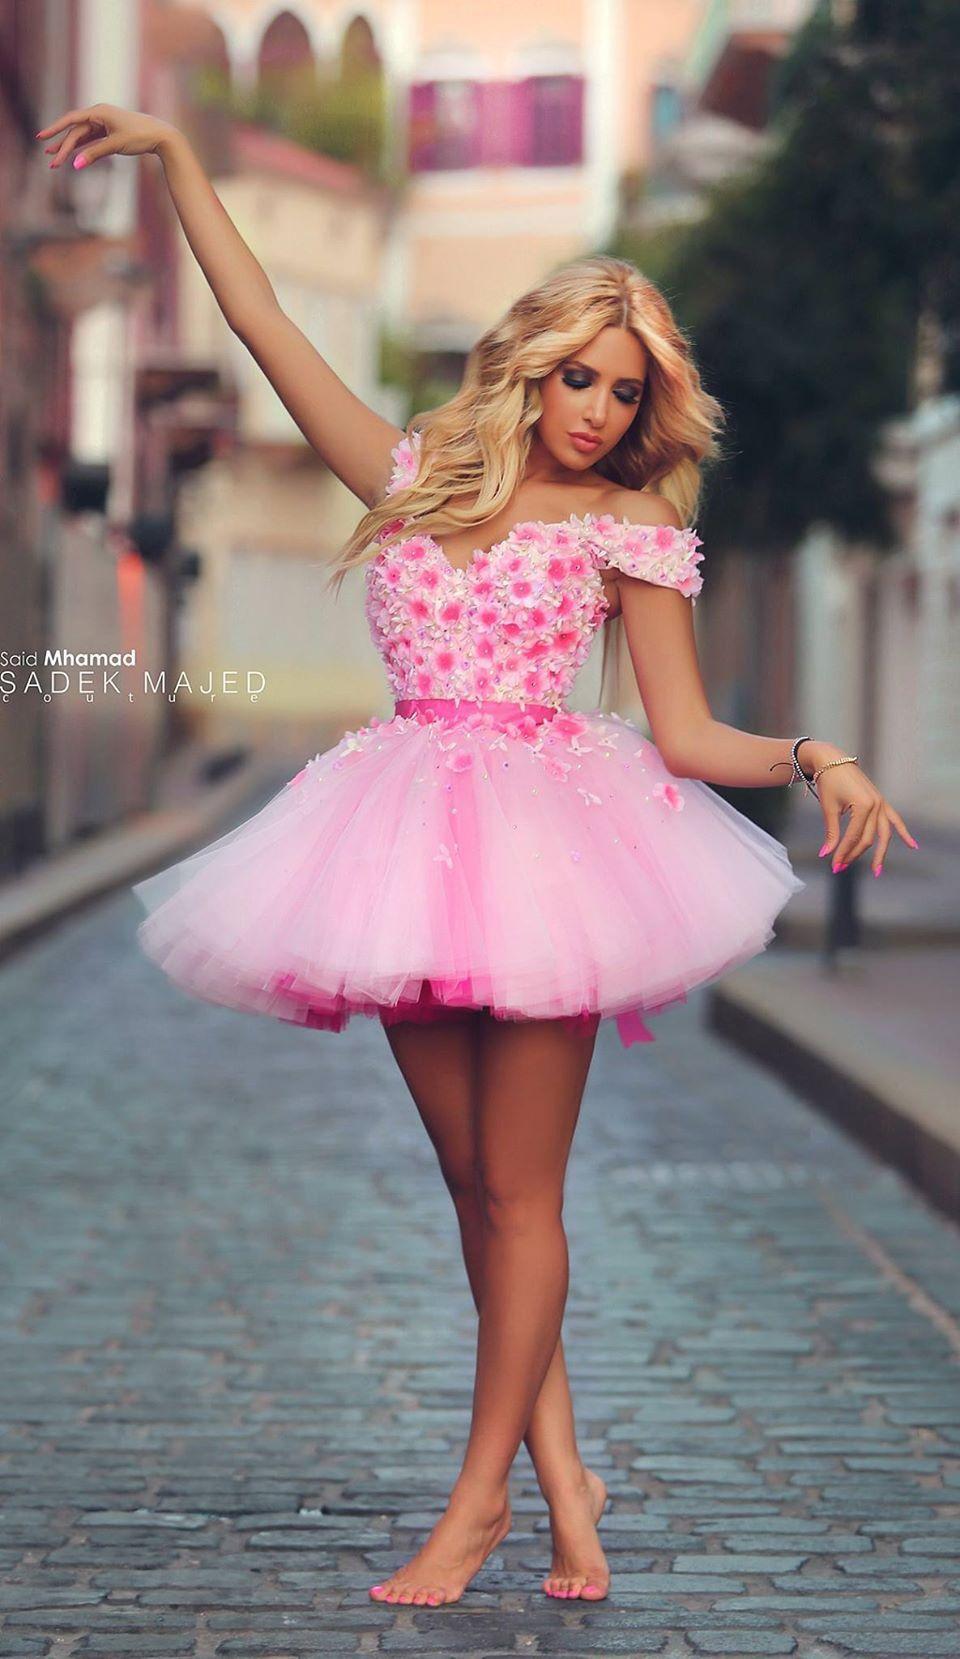 perfect for any occasion dress @SadekMajed | ❀~✿ɬυɬυ•¢υɬɛ ...